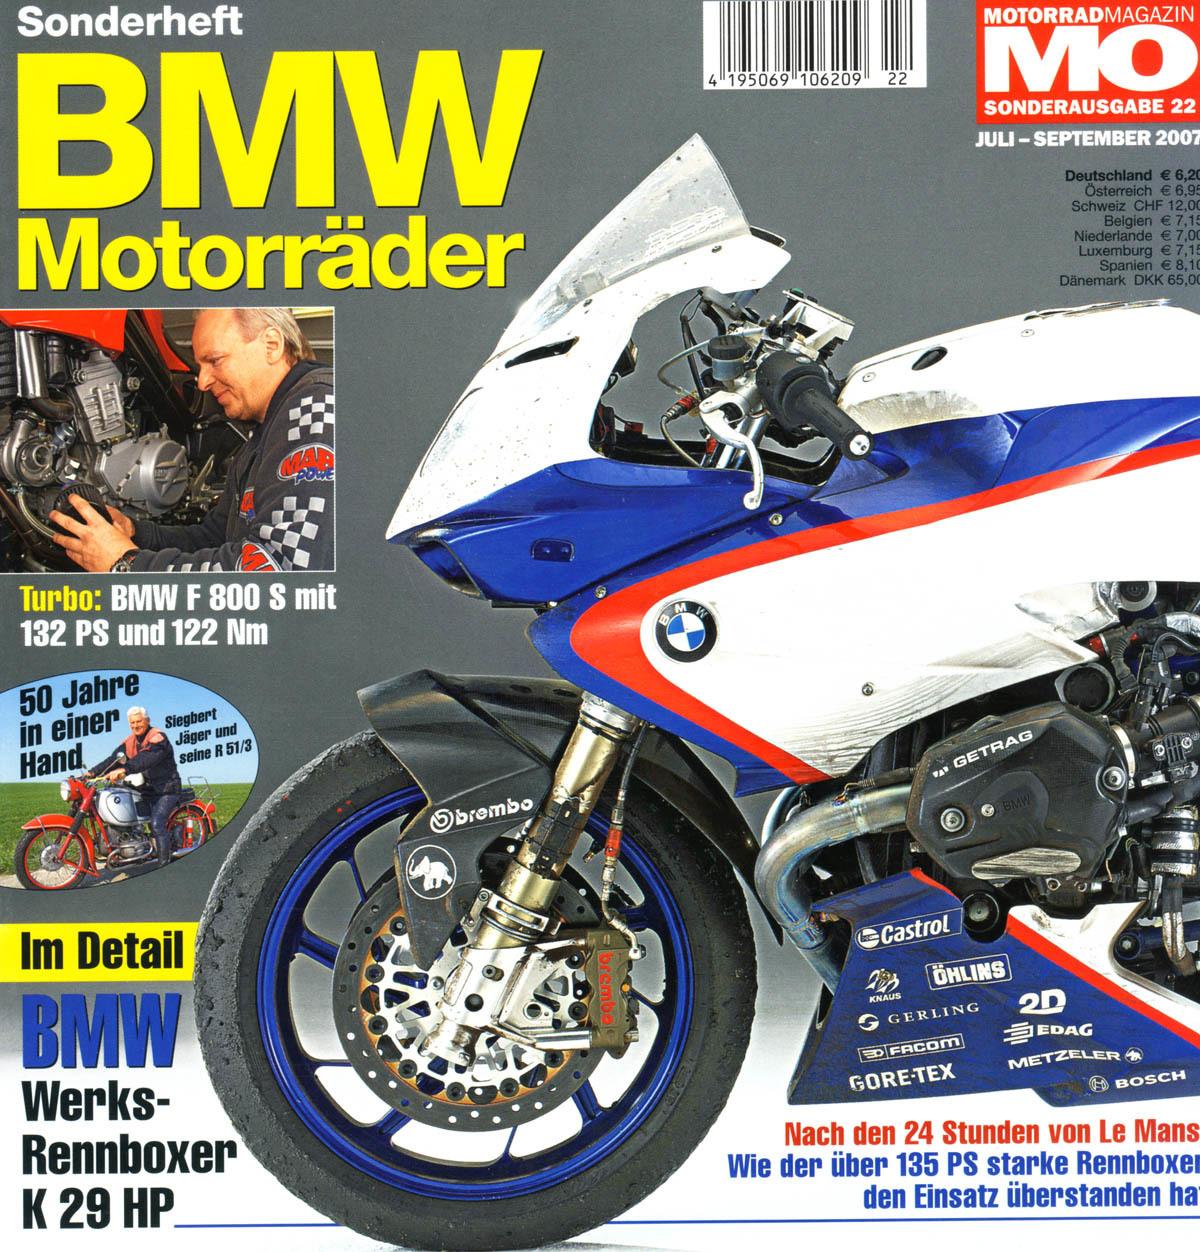 20170811_BMW_motorrader.jpg